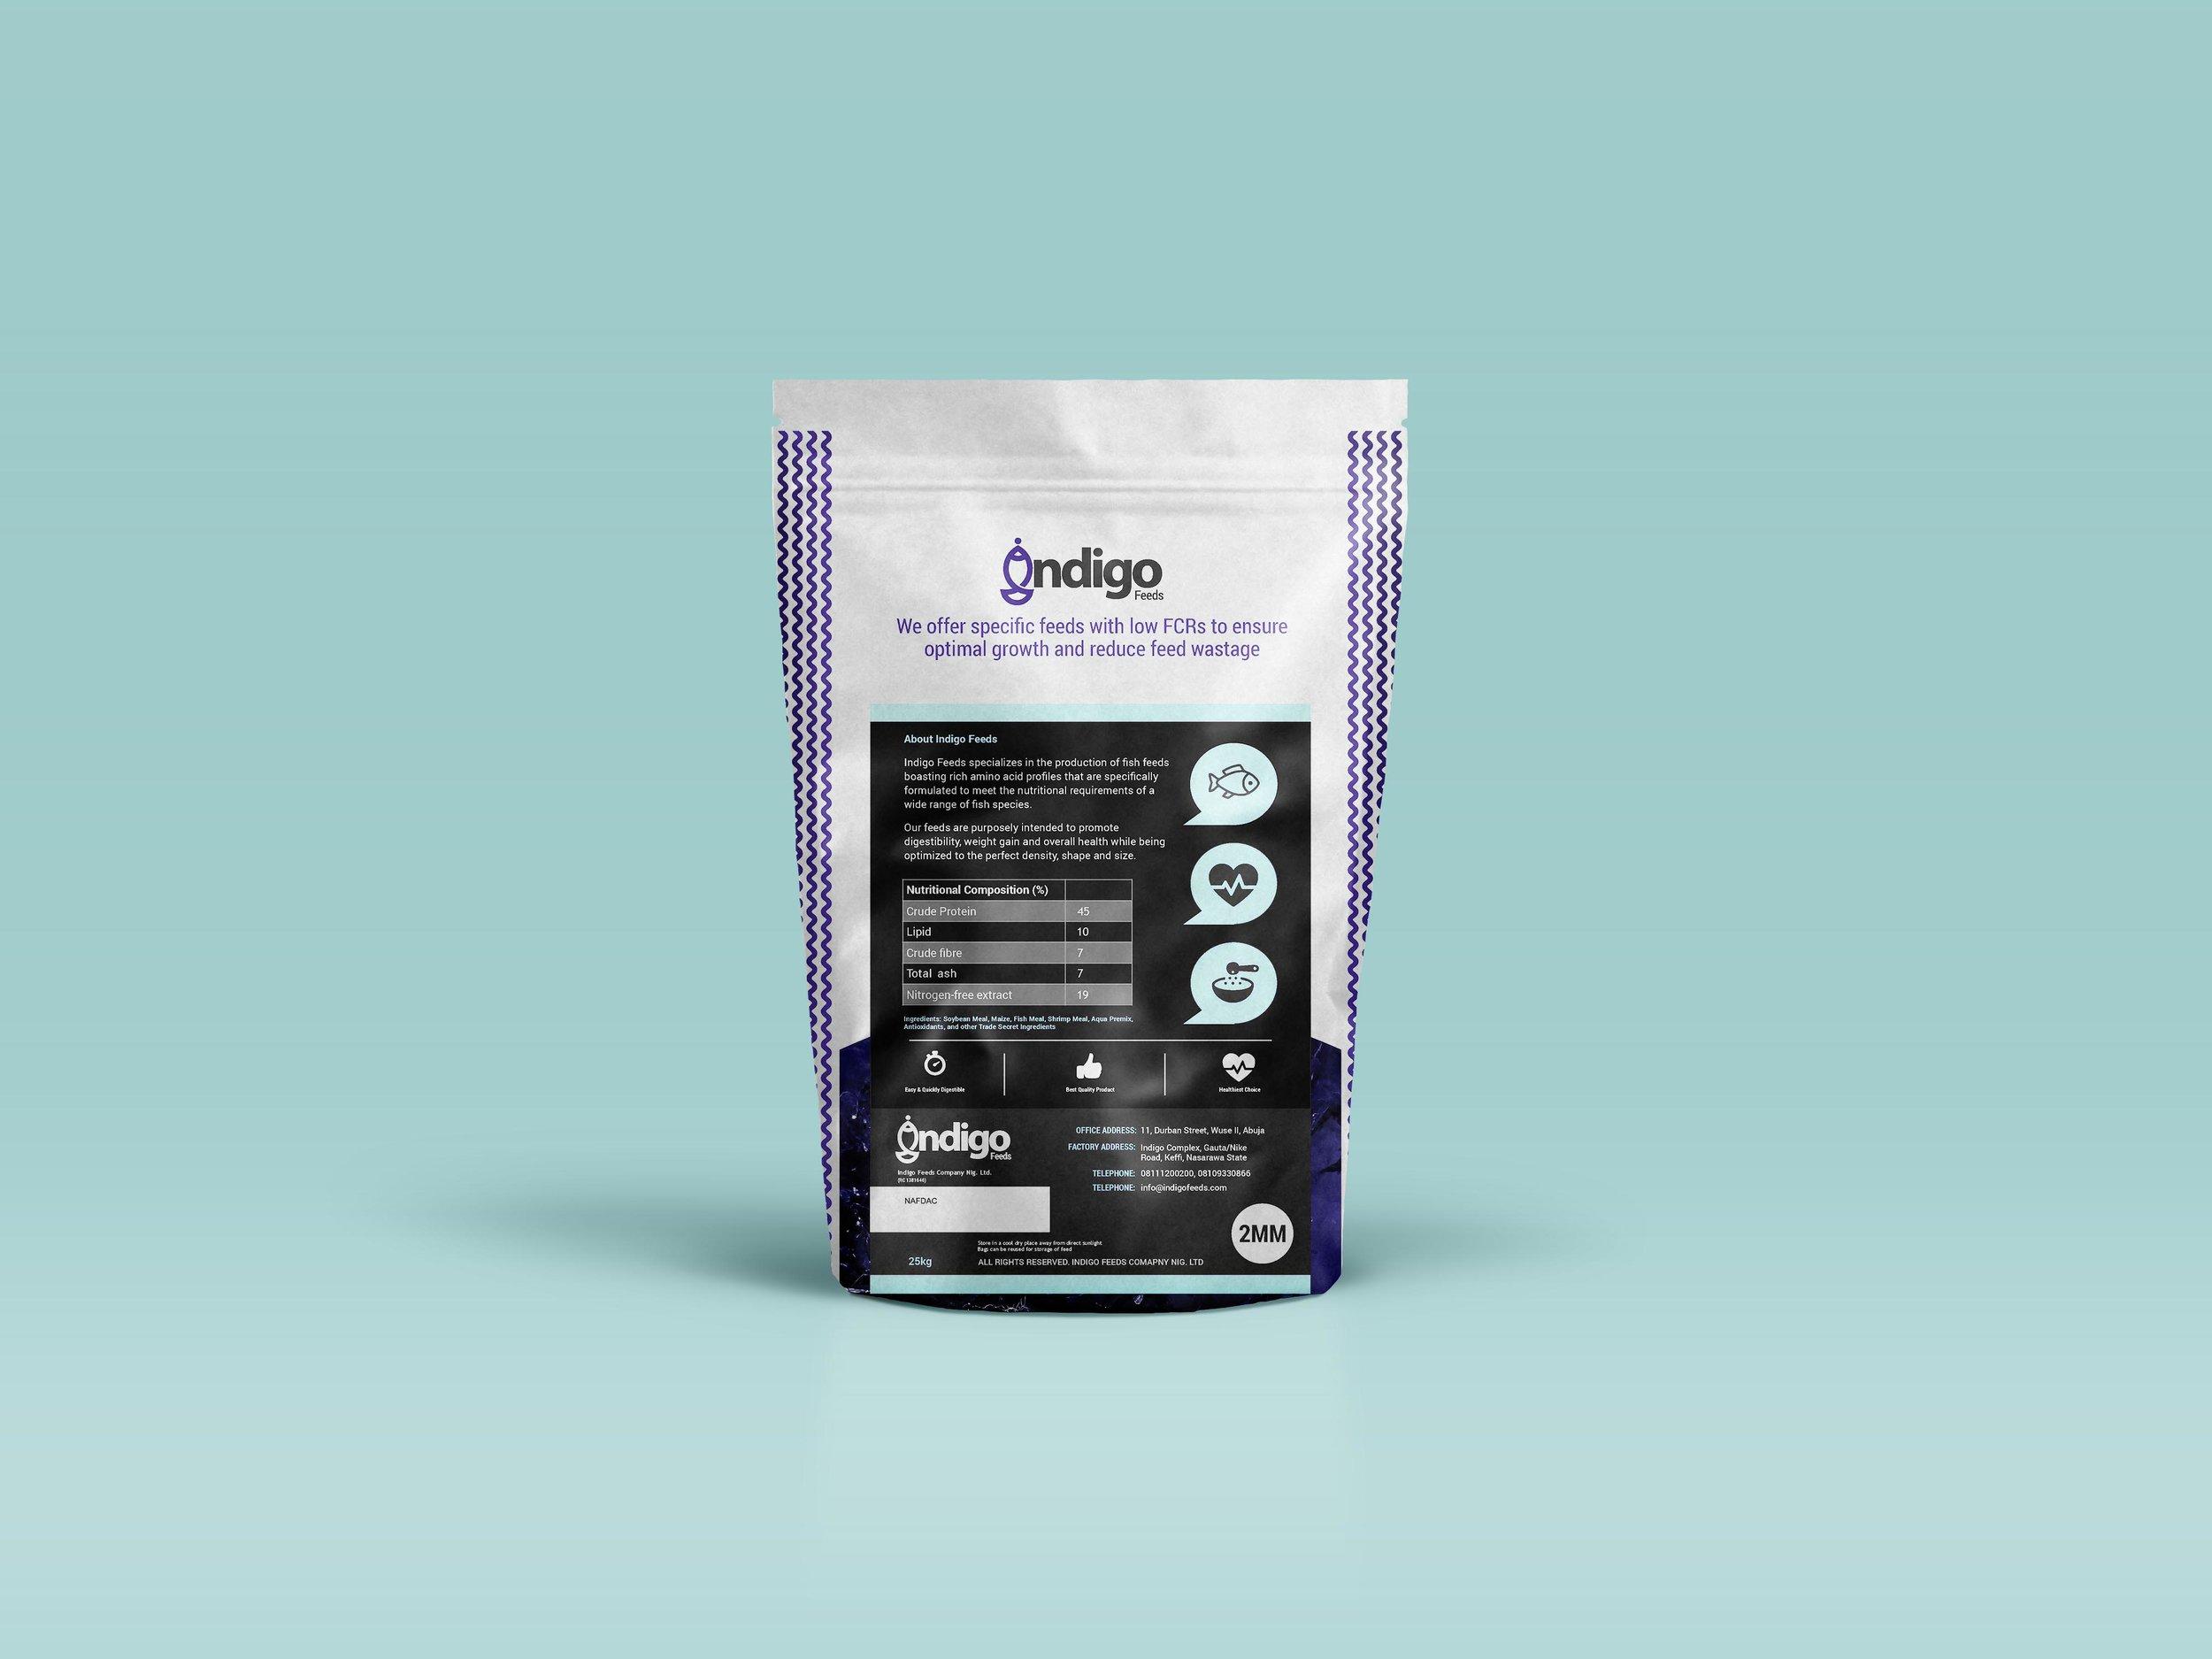 Paper-Bag-packaging-Mockup-psd 3.jpg